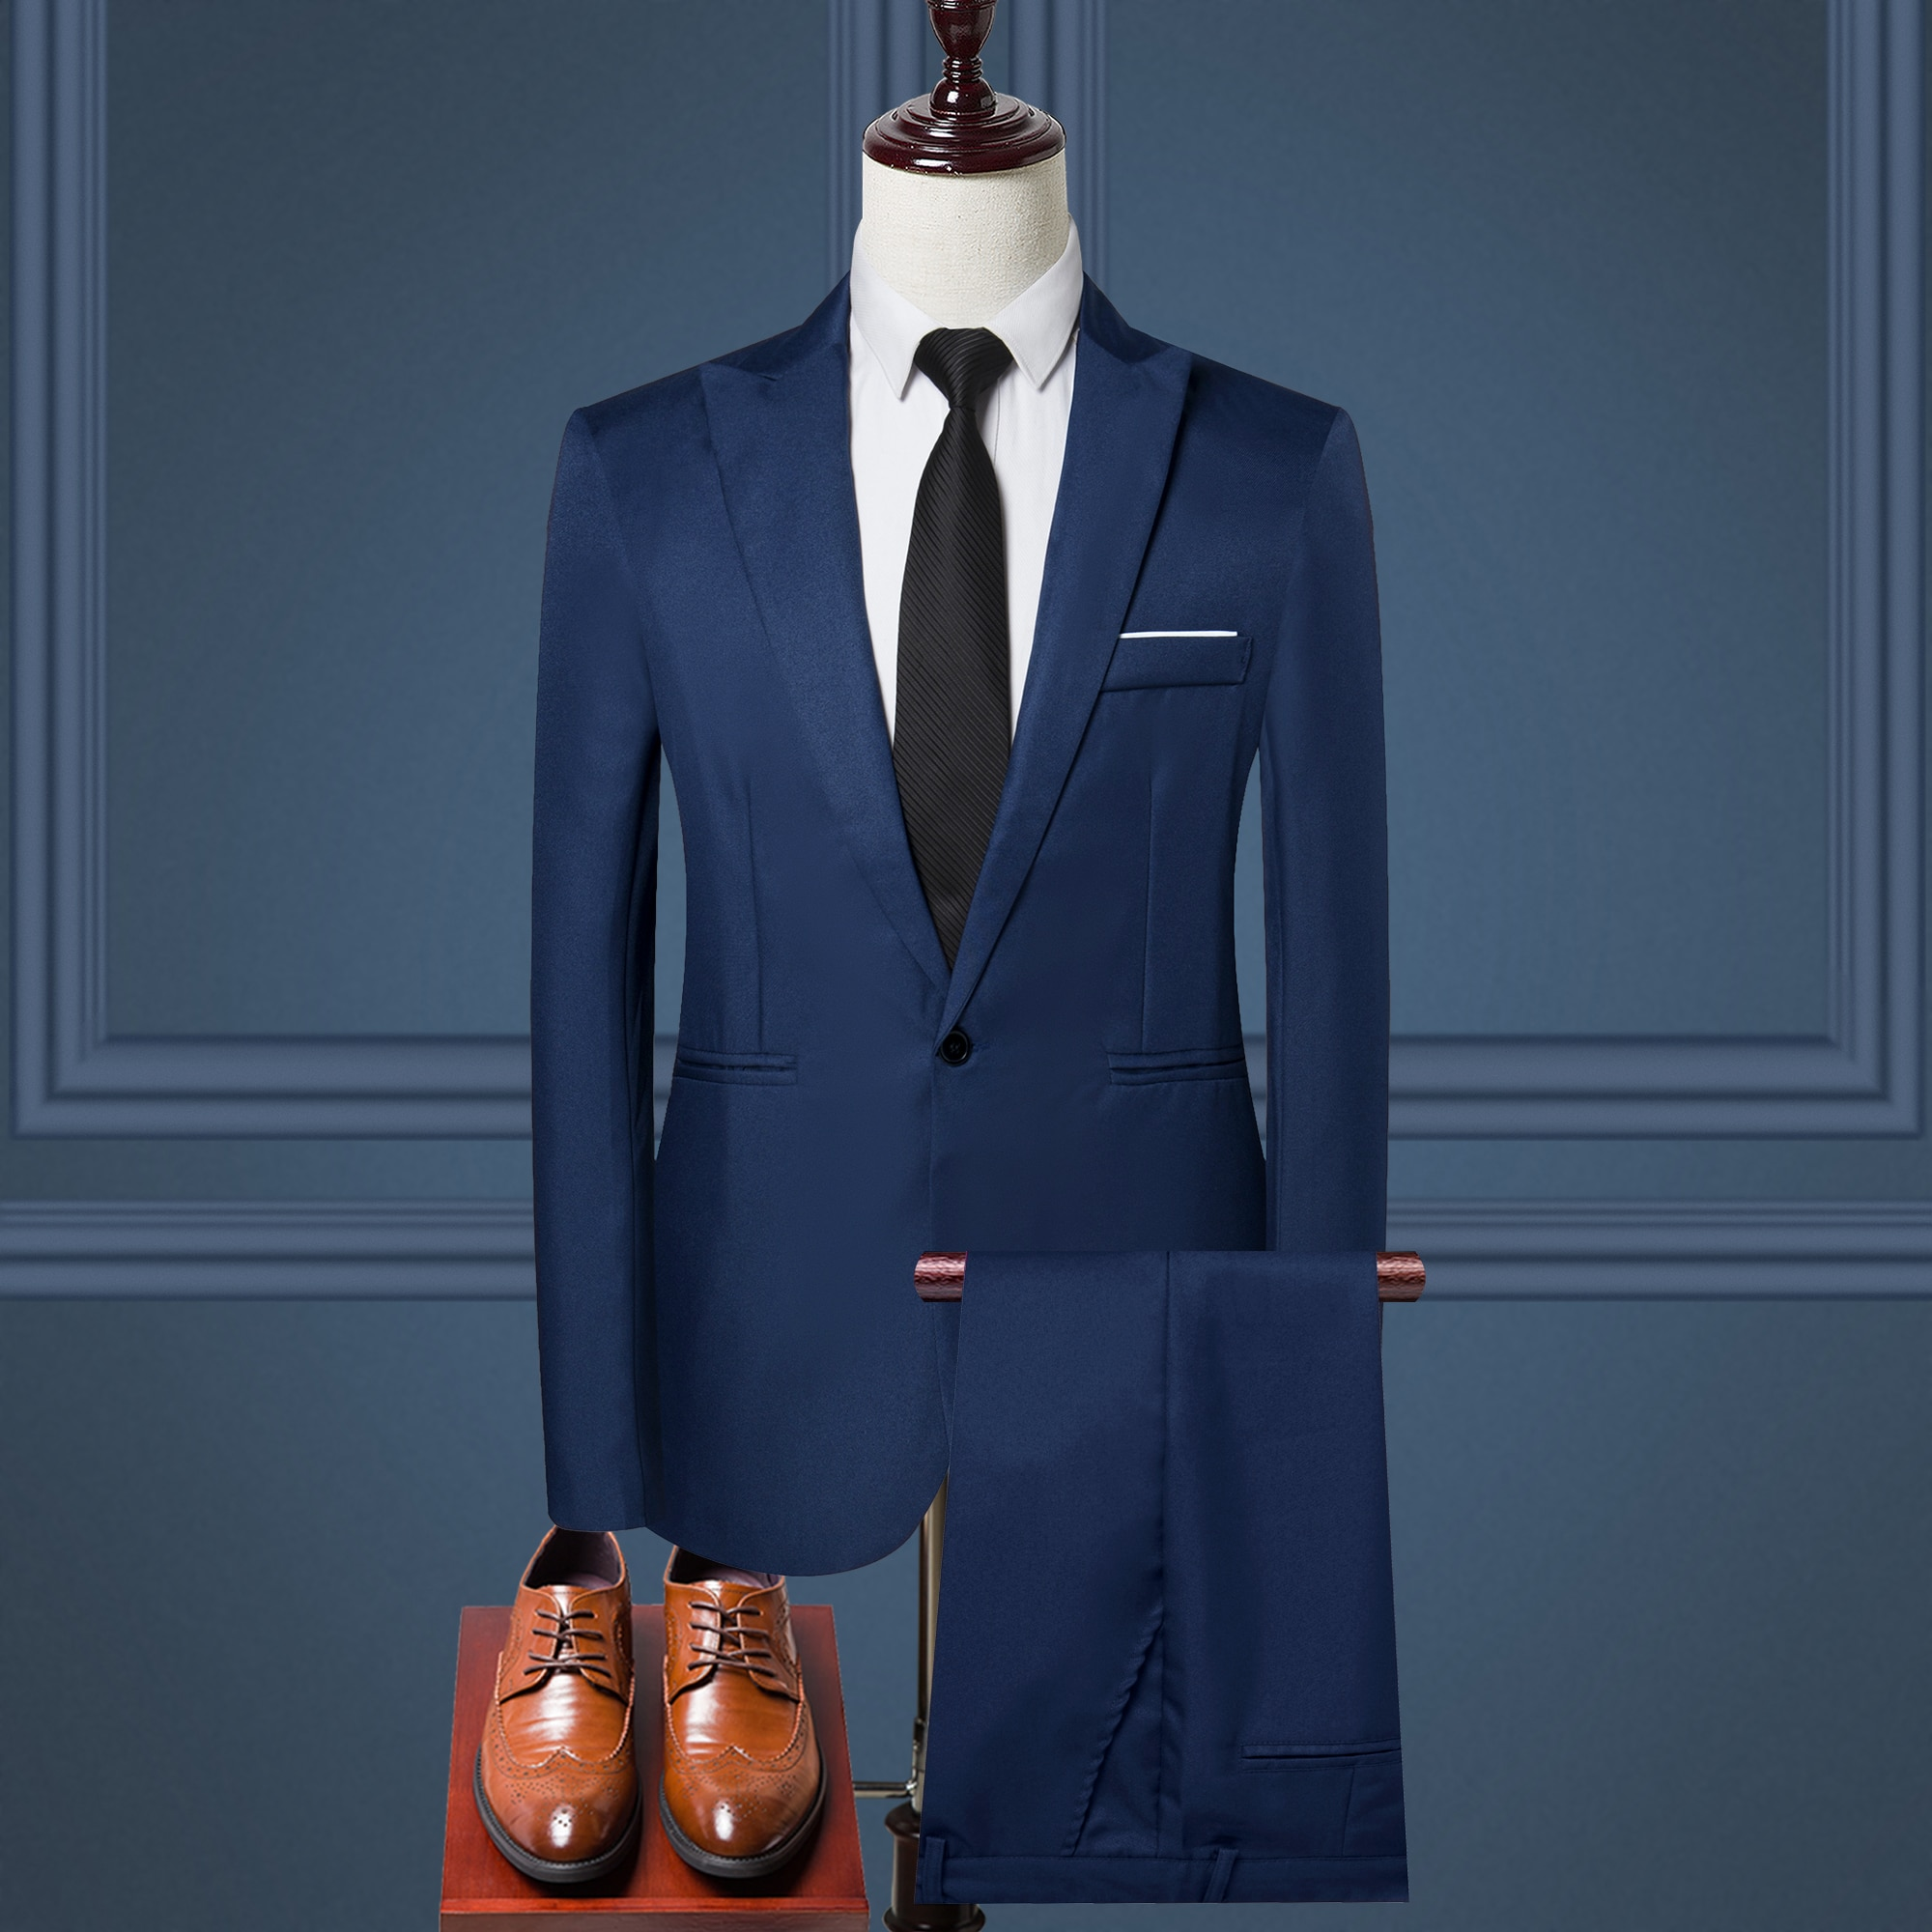 2021 nuevos hombres Slim botón traje anfitrión mostrar chaqueta abrigo y pantalón...